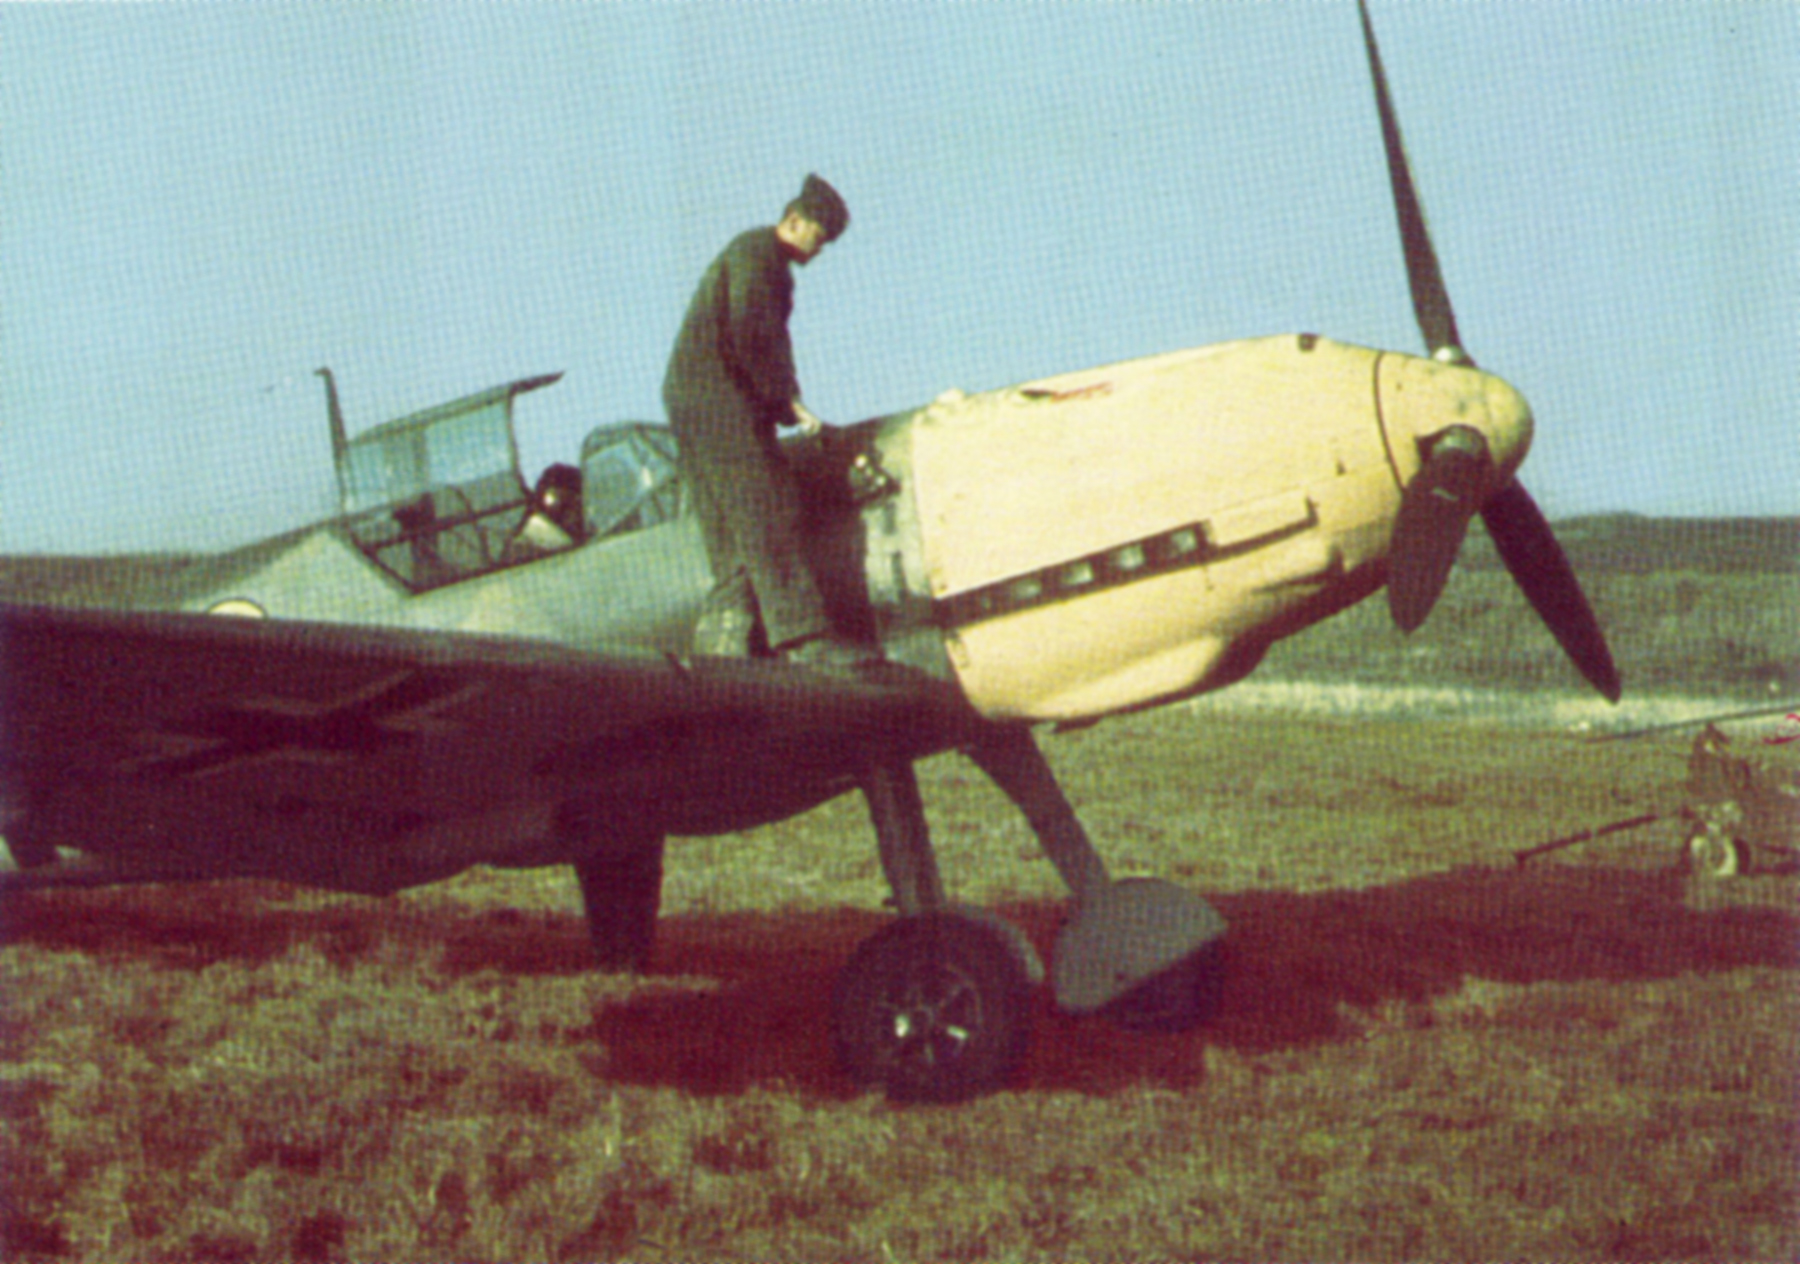 Messerschmitt Bf 109E1 JG53 France 1940 02